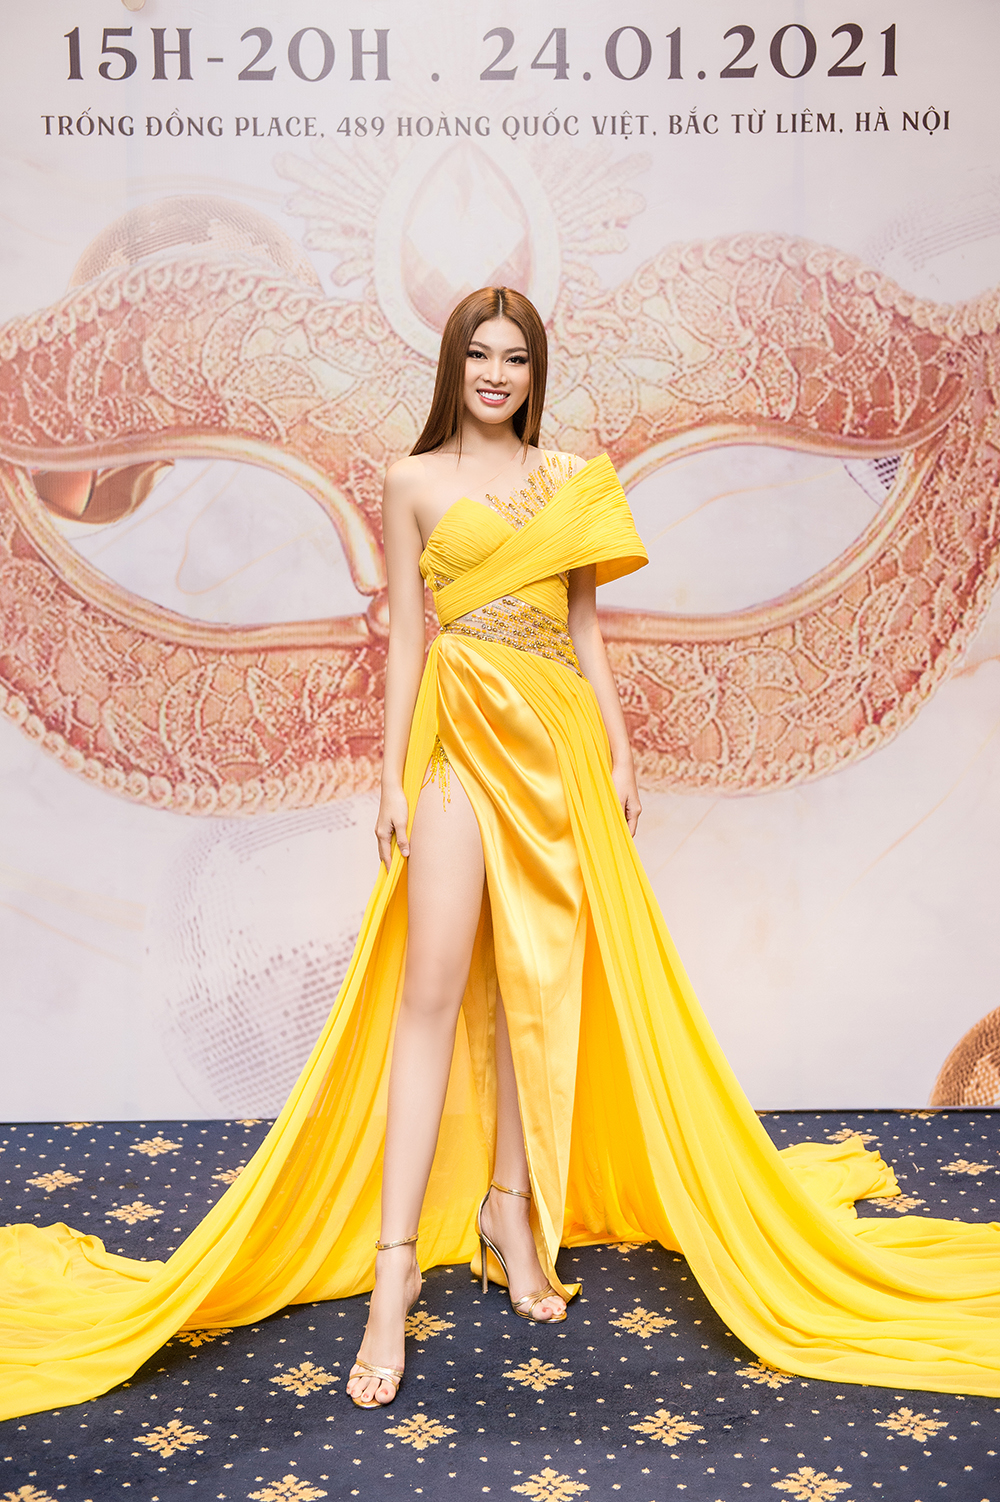 Á hậu Ngọc Thảo diện váy vàng rực khoe chân dài 1m11 cùng trình catwalk 'đỉnh cao' ảnh 1